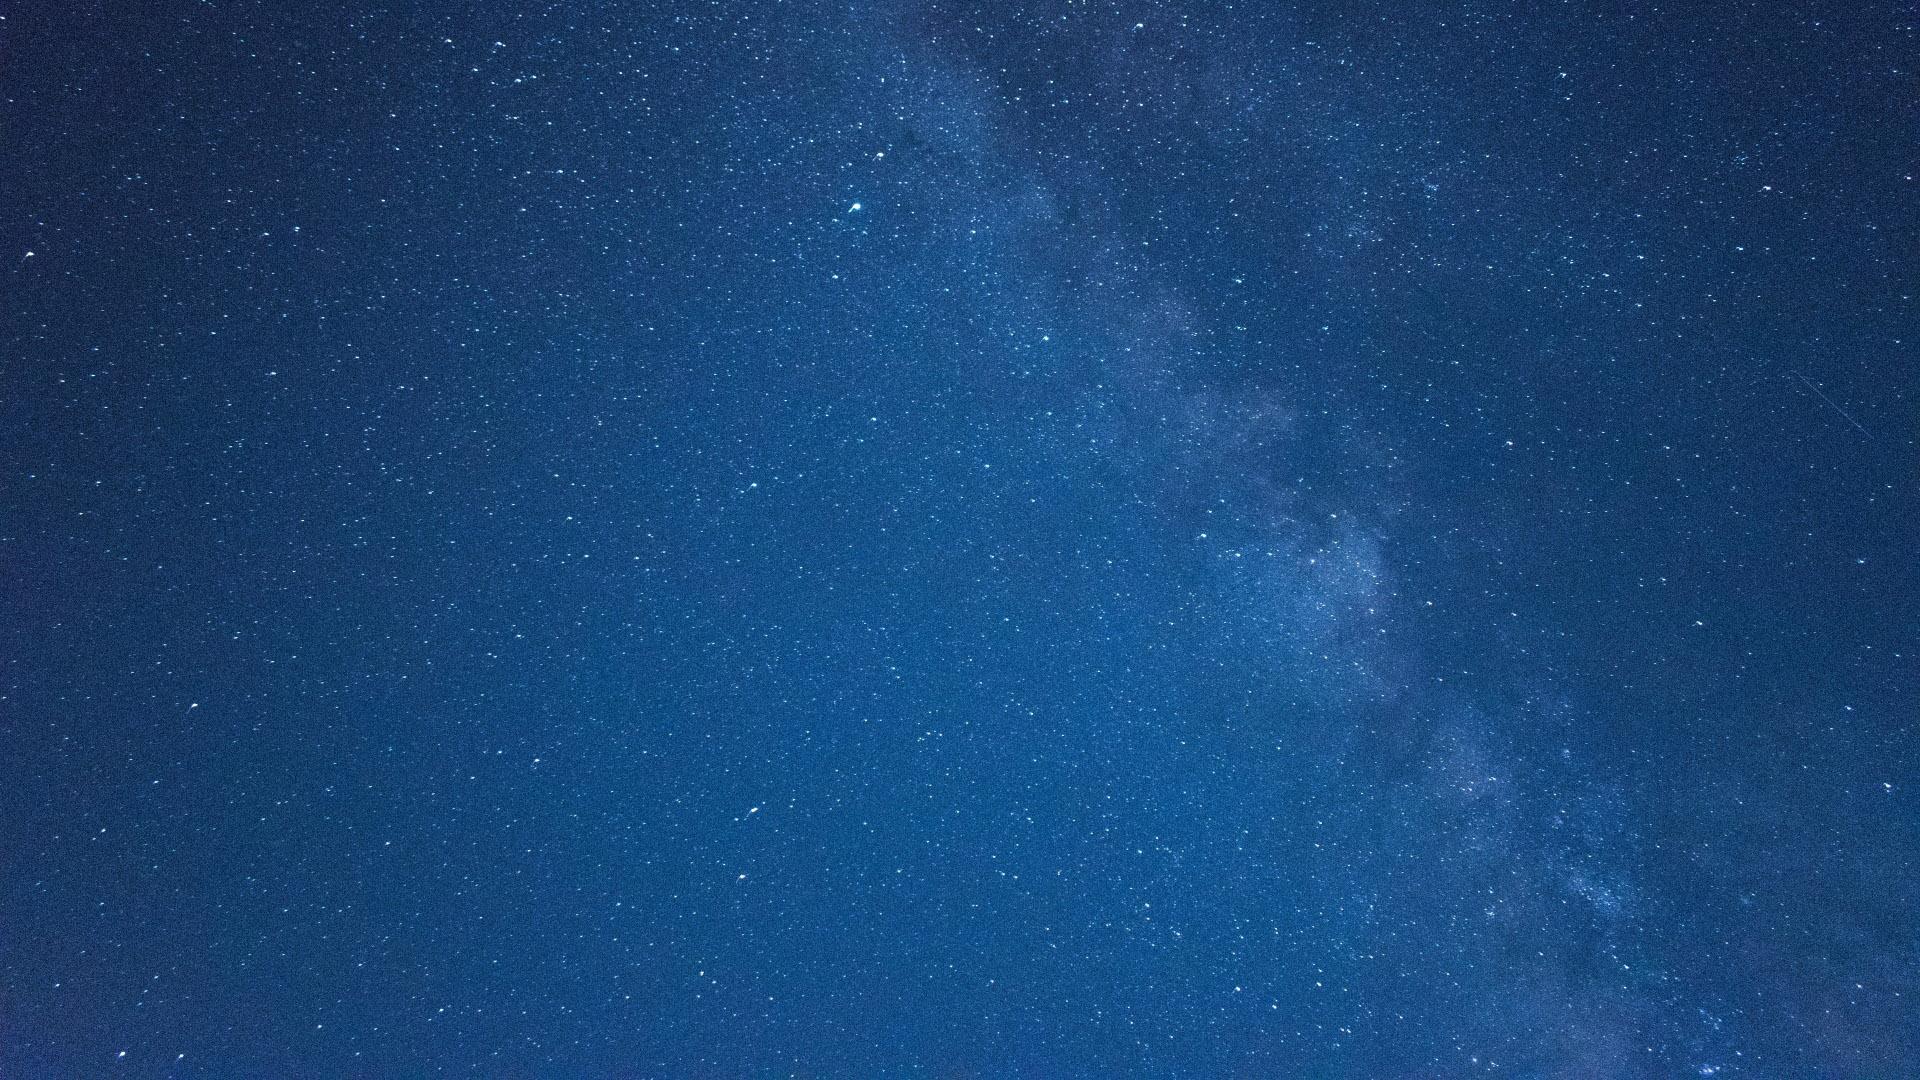 Красивые картинки космоса и звезд на рабочий стол - подборка №4 2